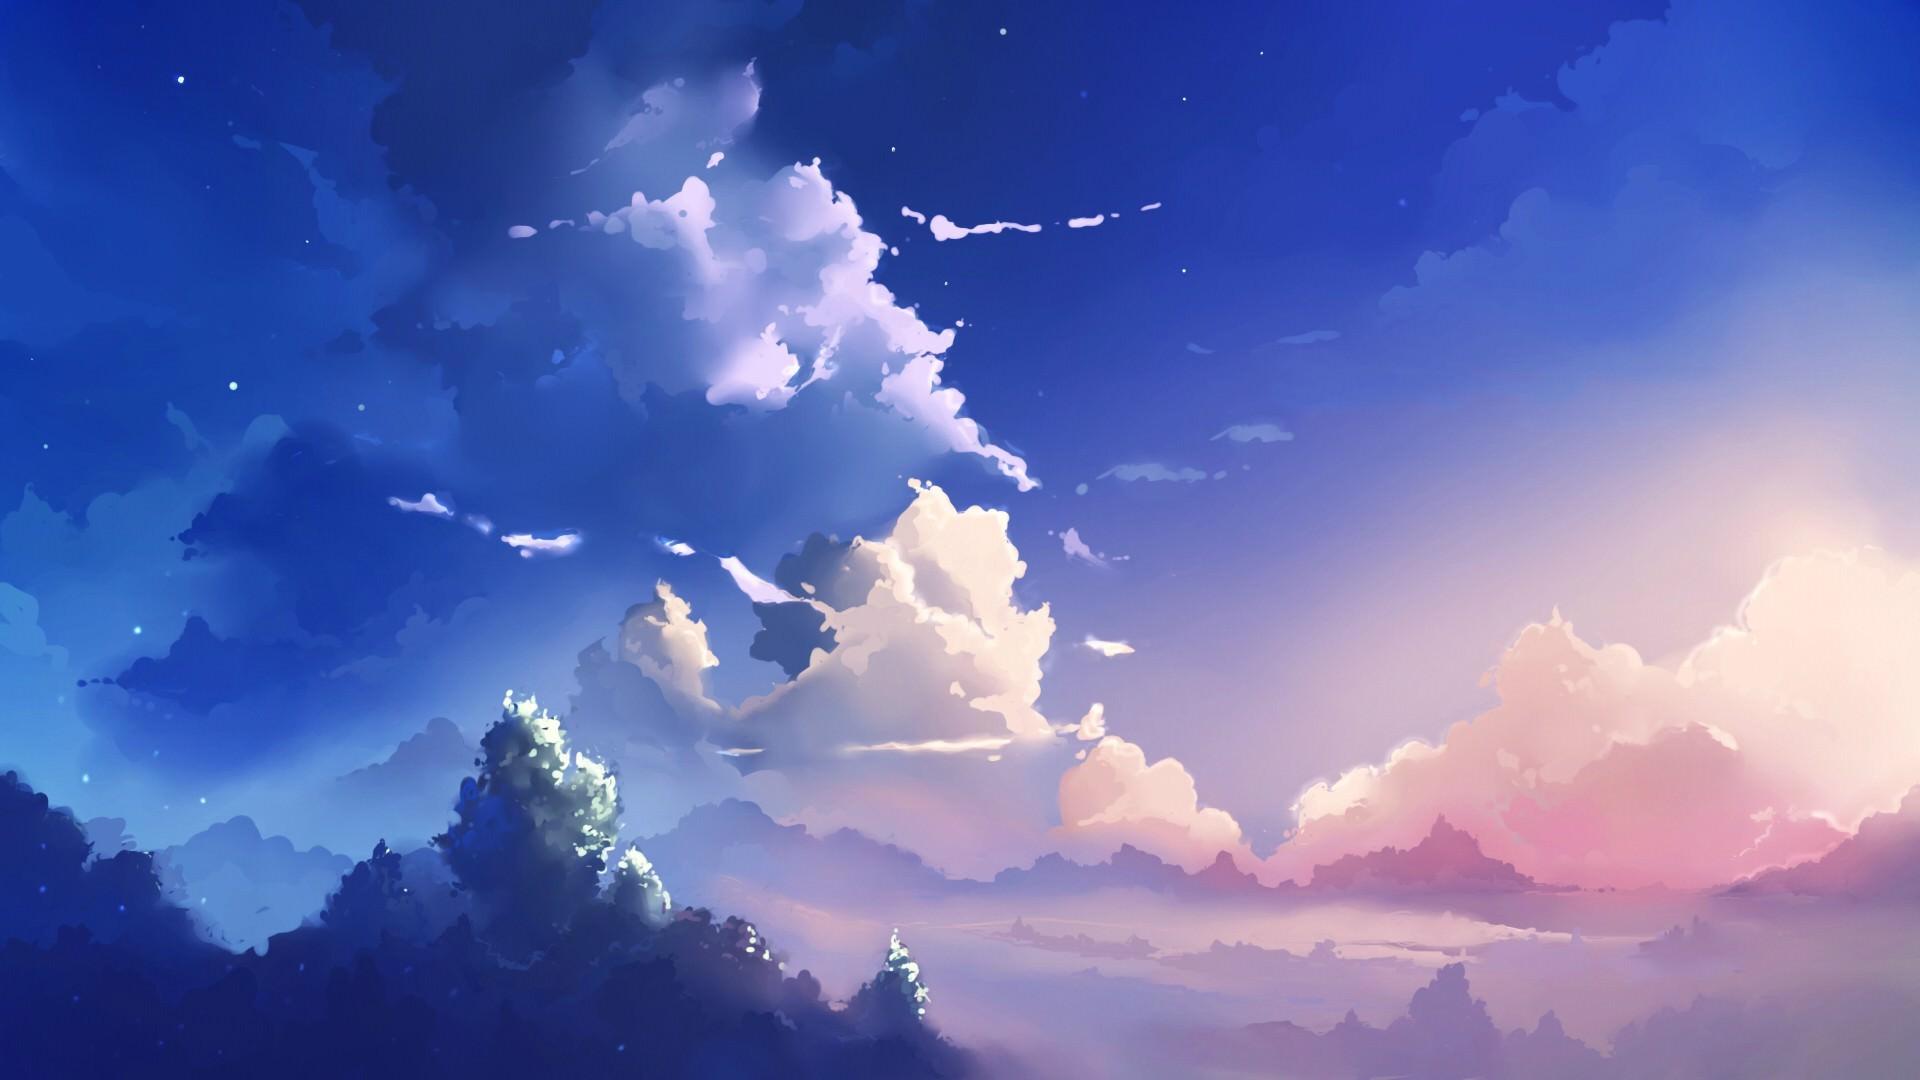 Hình nền đẹp - Ảnh nền đẹp - Wallpaper đẹp cho máy tính của bạn